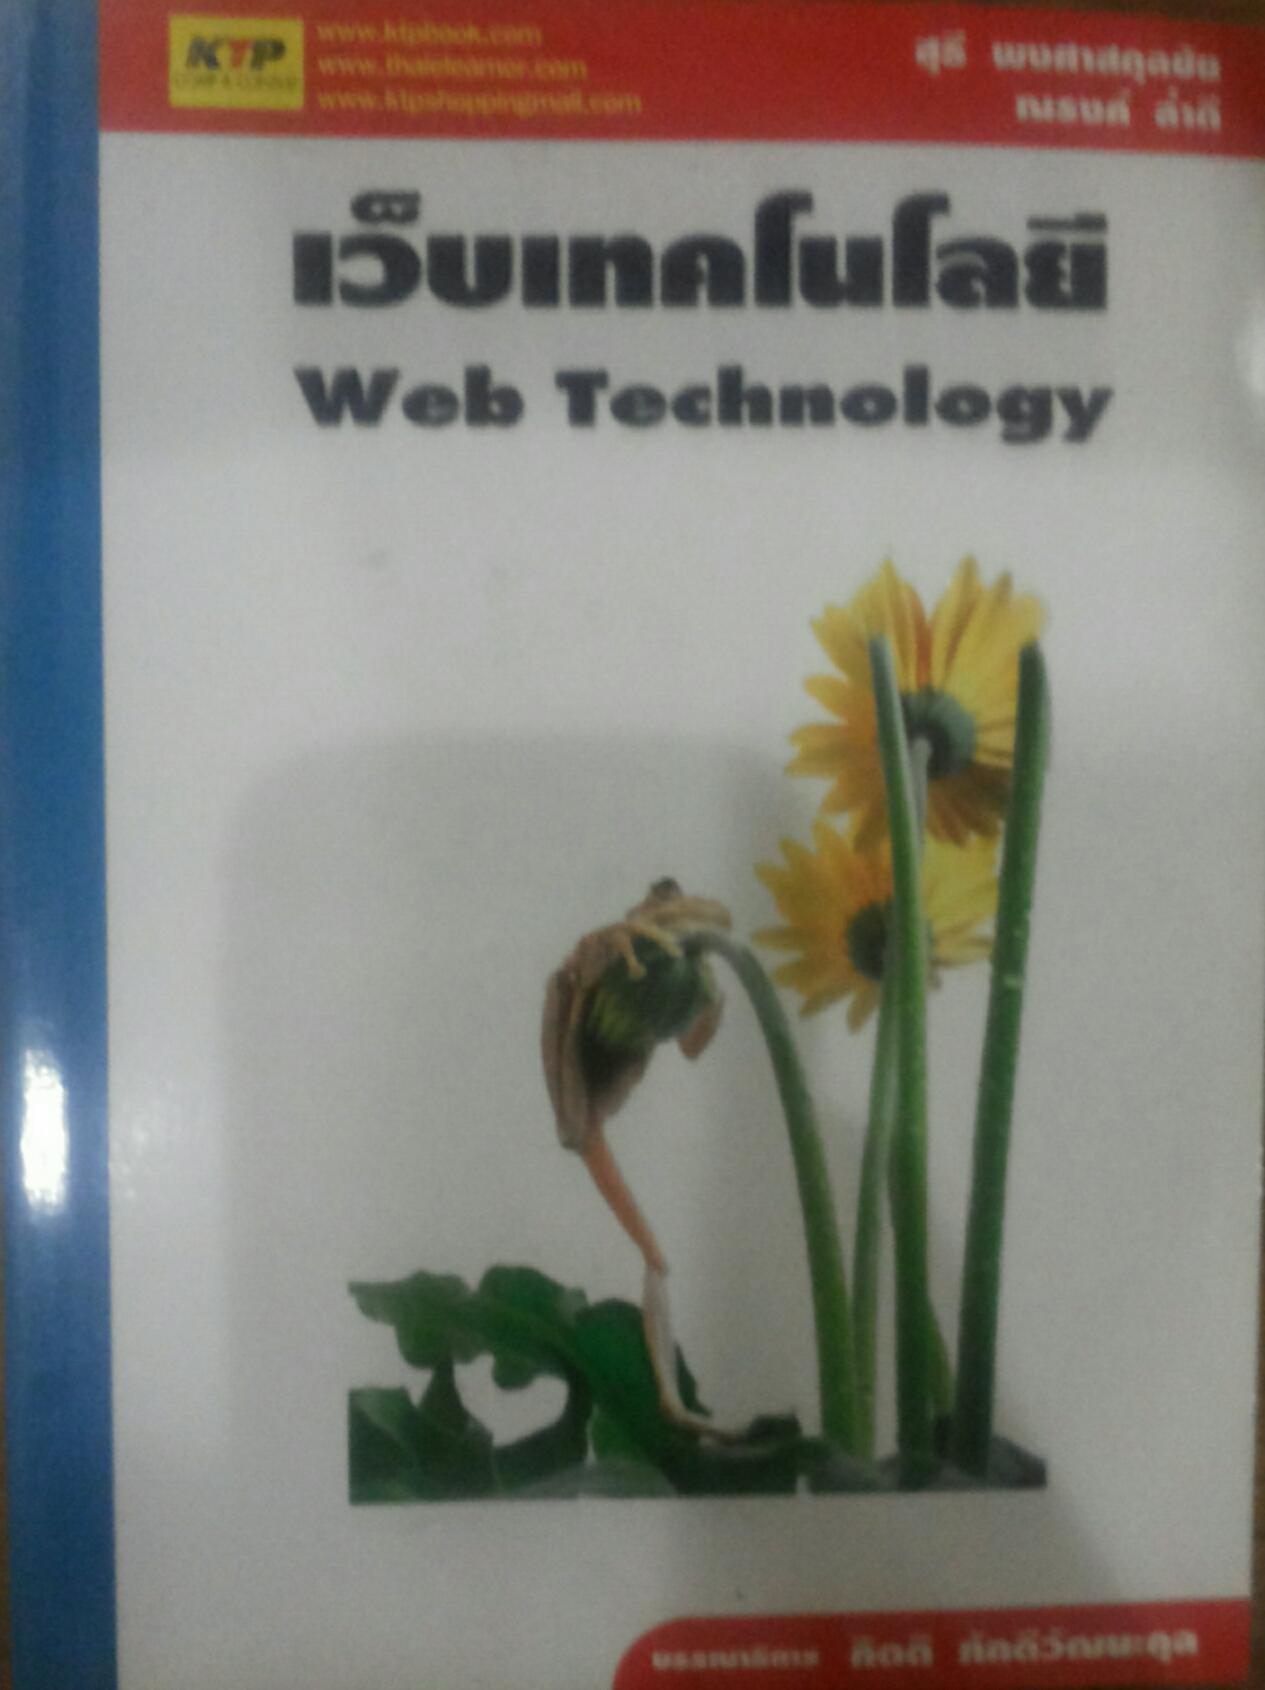 เว็บเทคโนโลยี ( Web Technology )